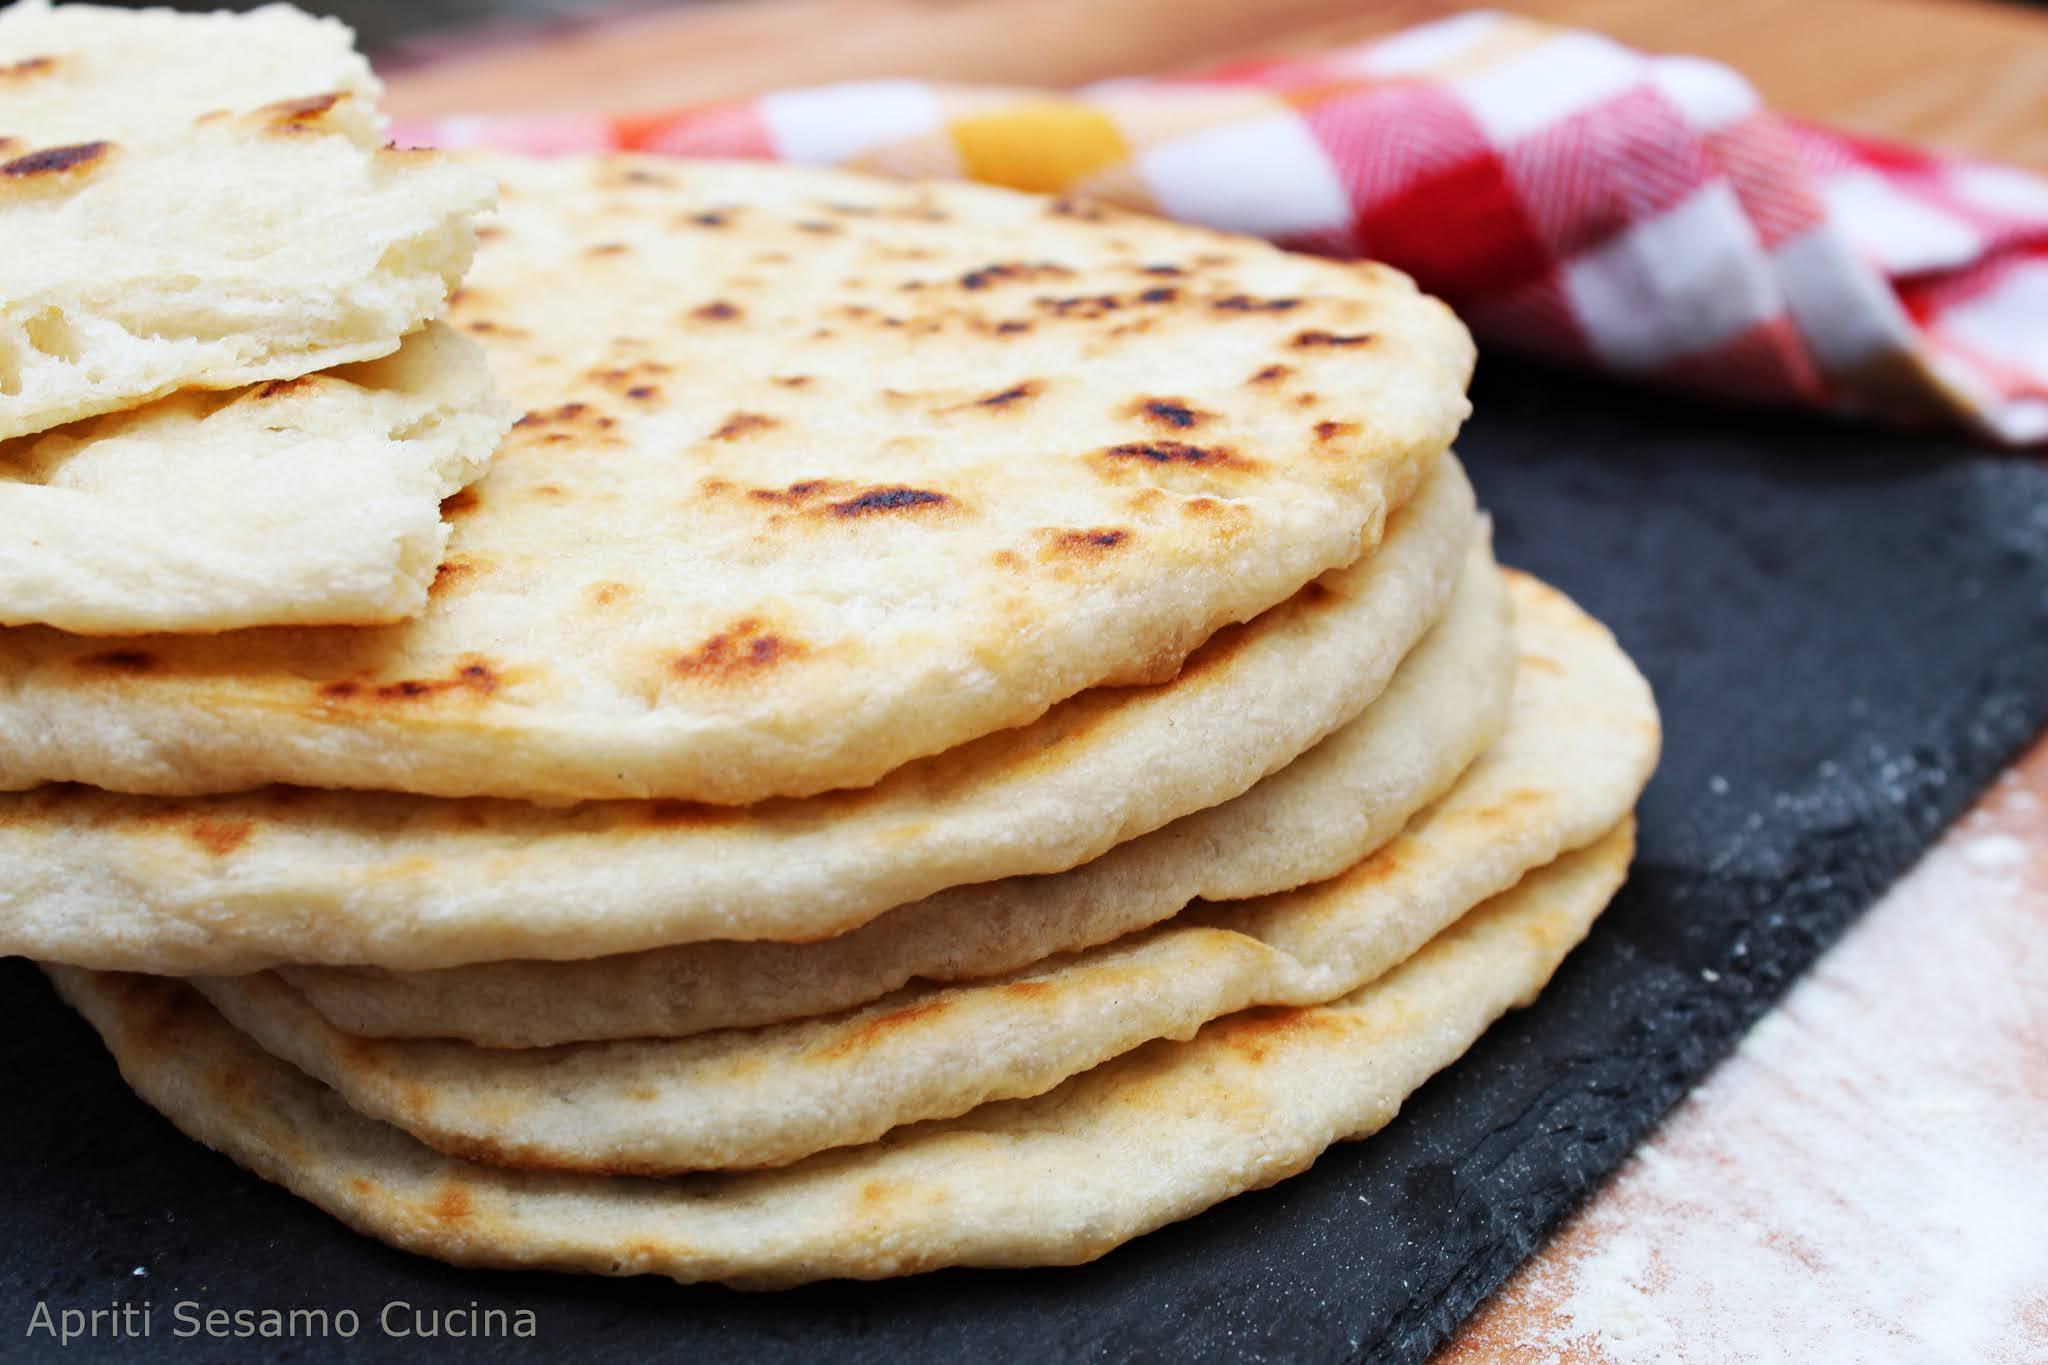 Ricetta Greca Pita.Apriti Sesamo Cucina Greca E Non Solo Pita Greca Per Gyros Ricetta Originale